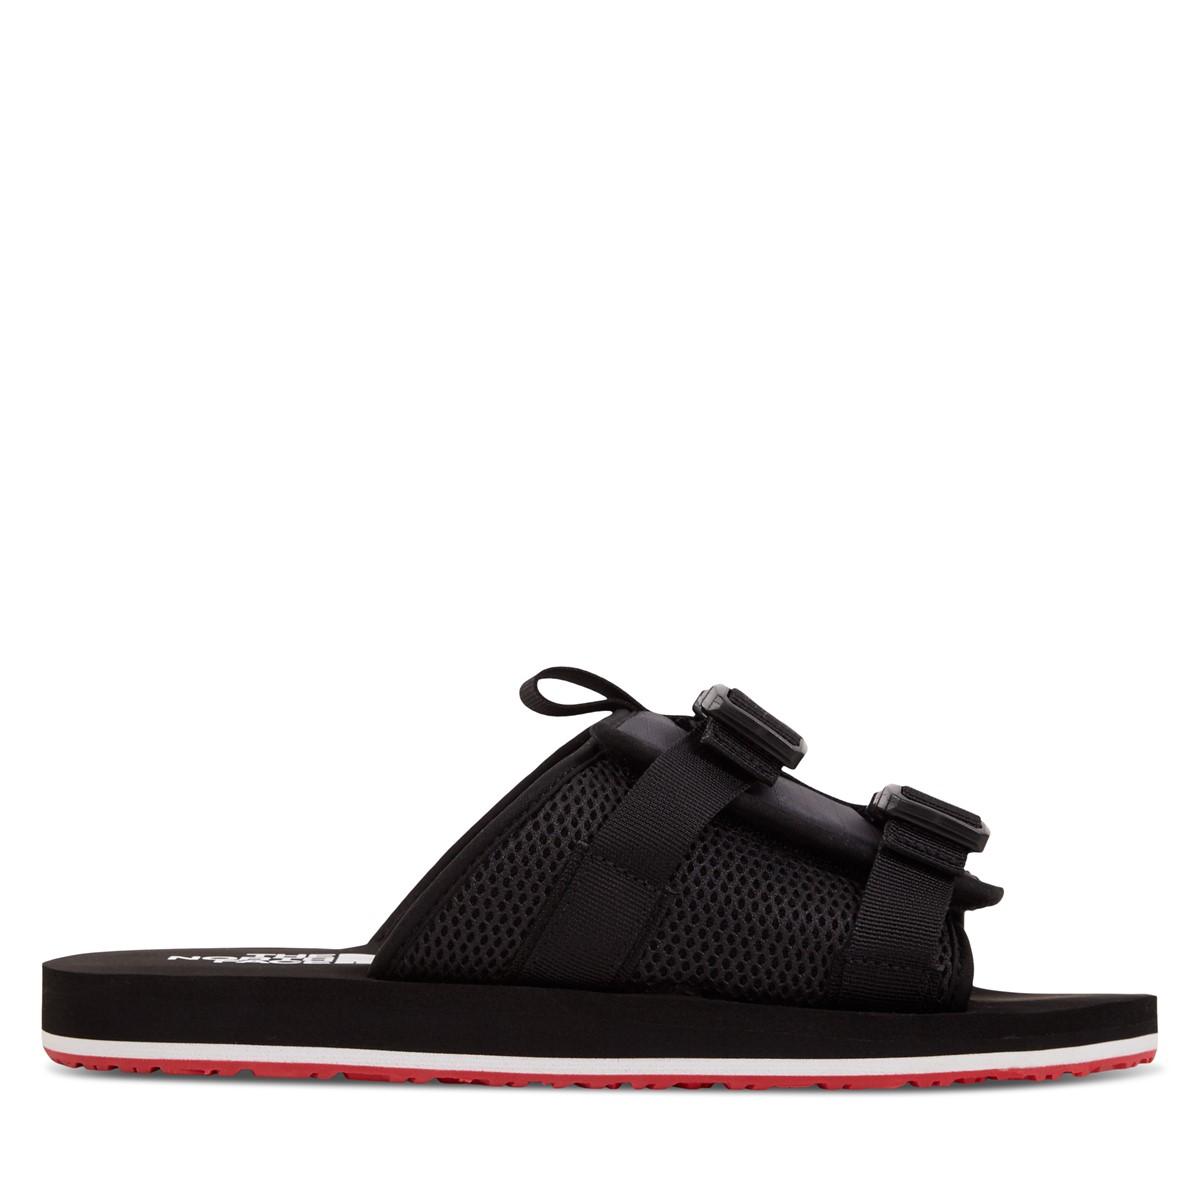 Men's EQBC Slide Sandals in Black